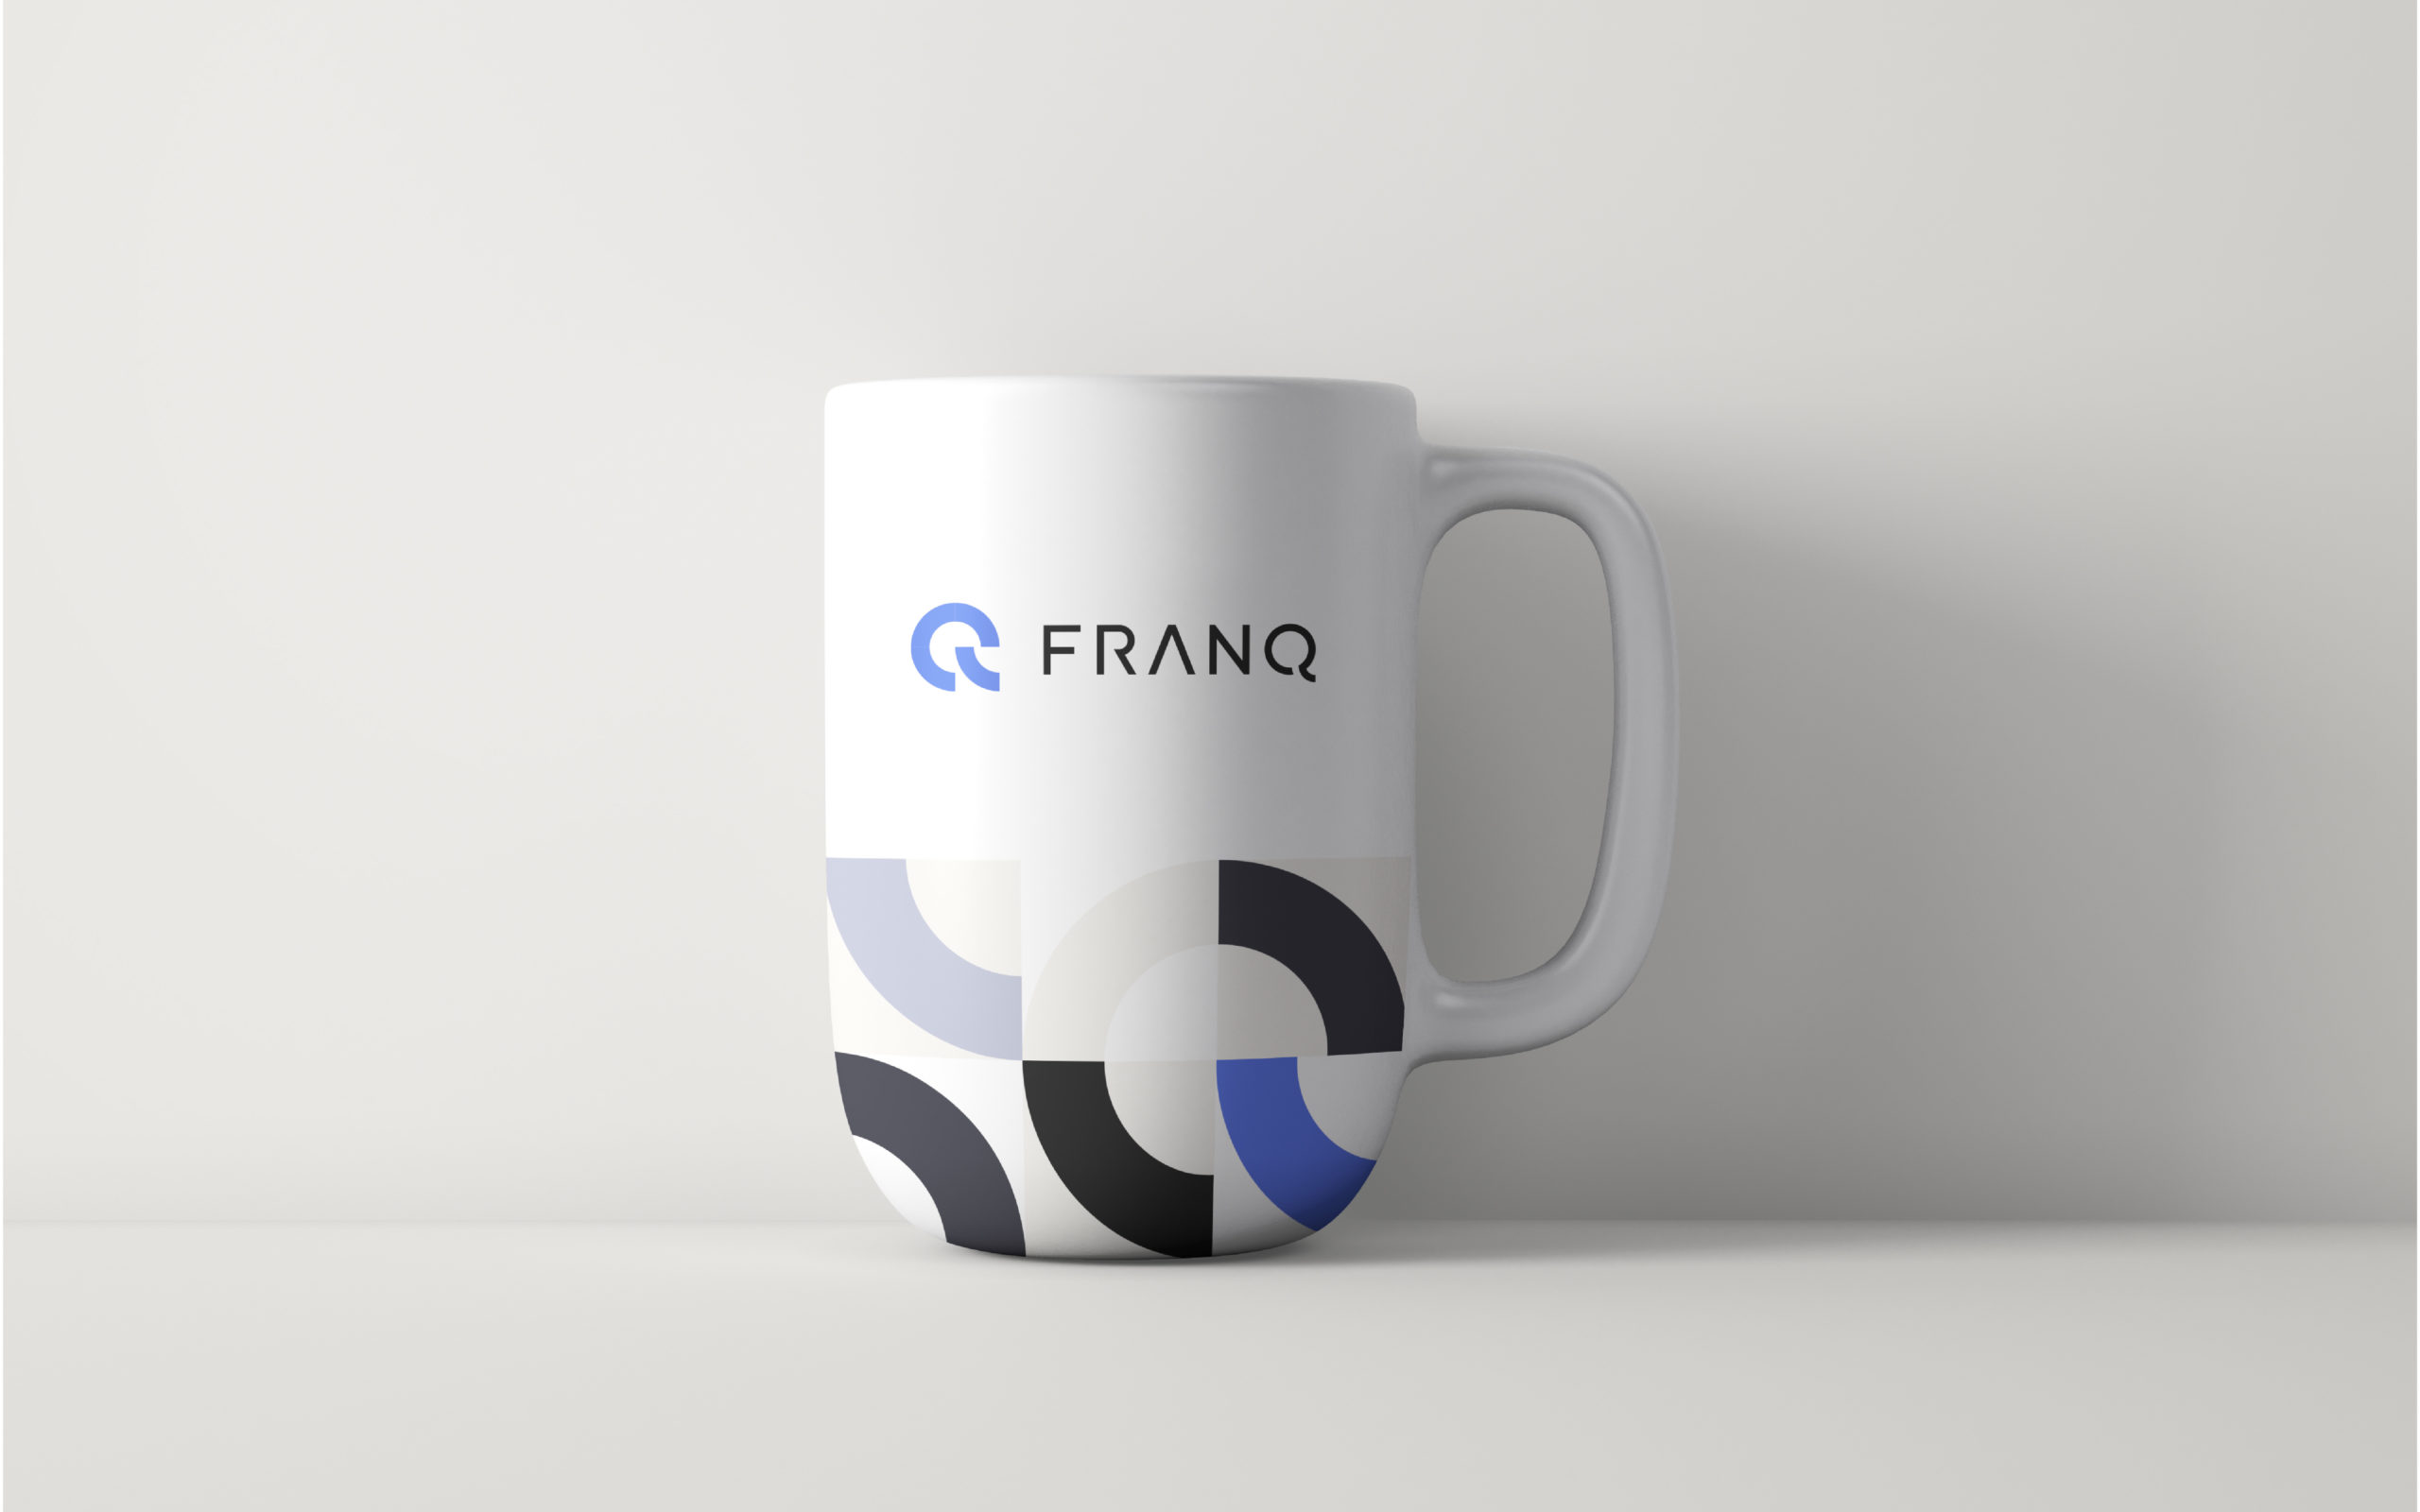 branding-fintech-startups-openbank-25